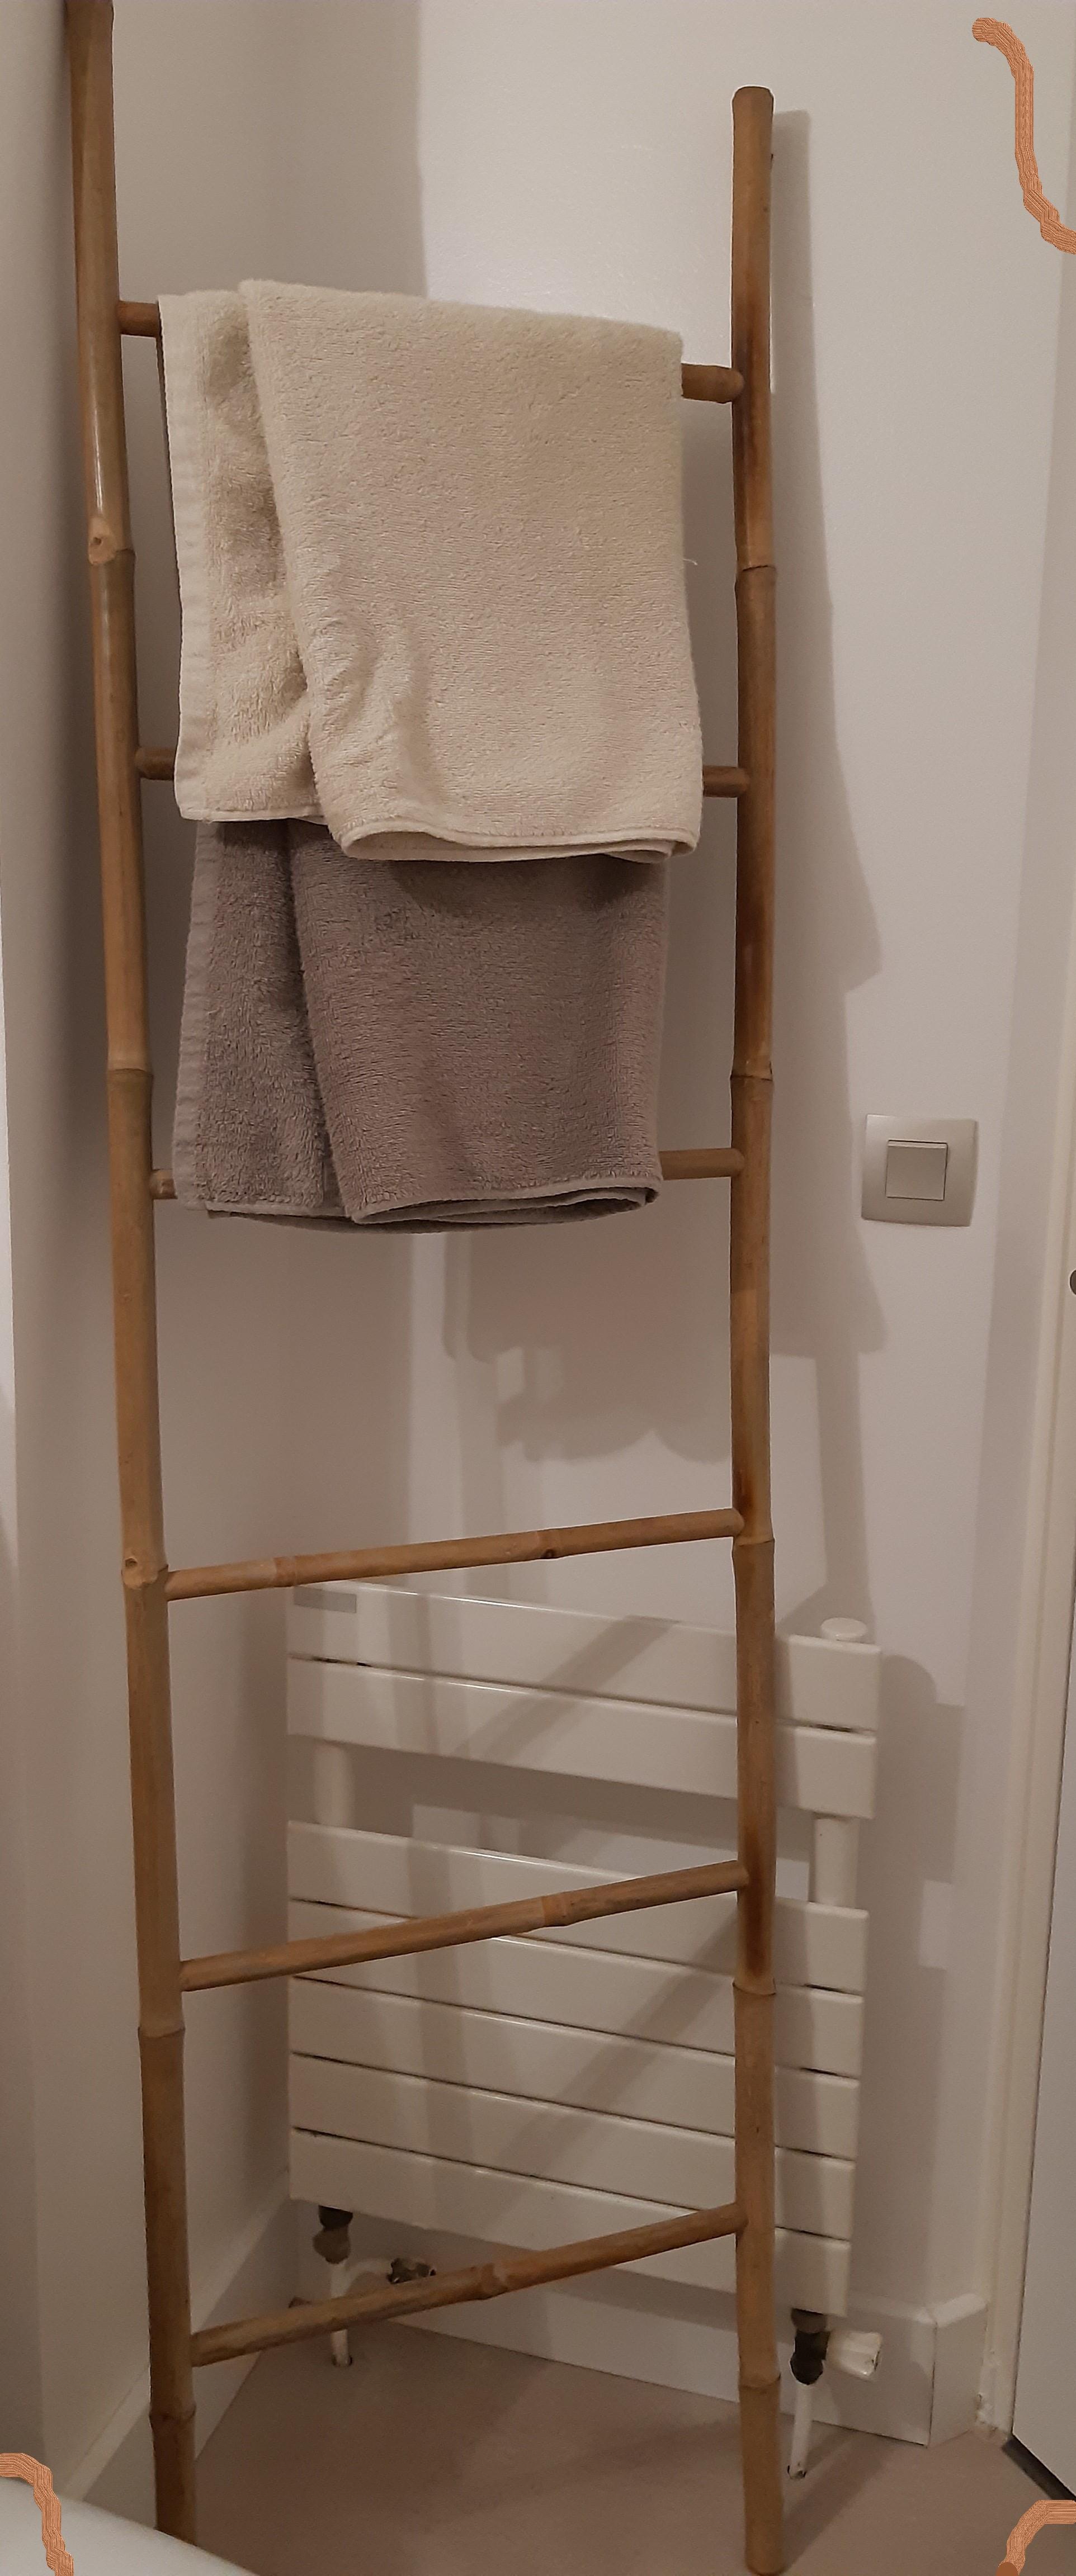 Echelle de salle de bain en bambou naturel (Blog Zôdio)